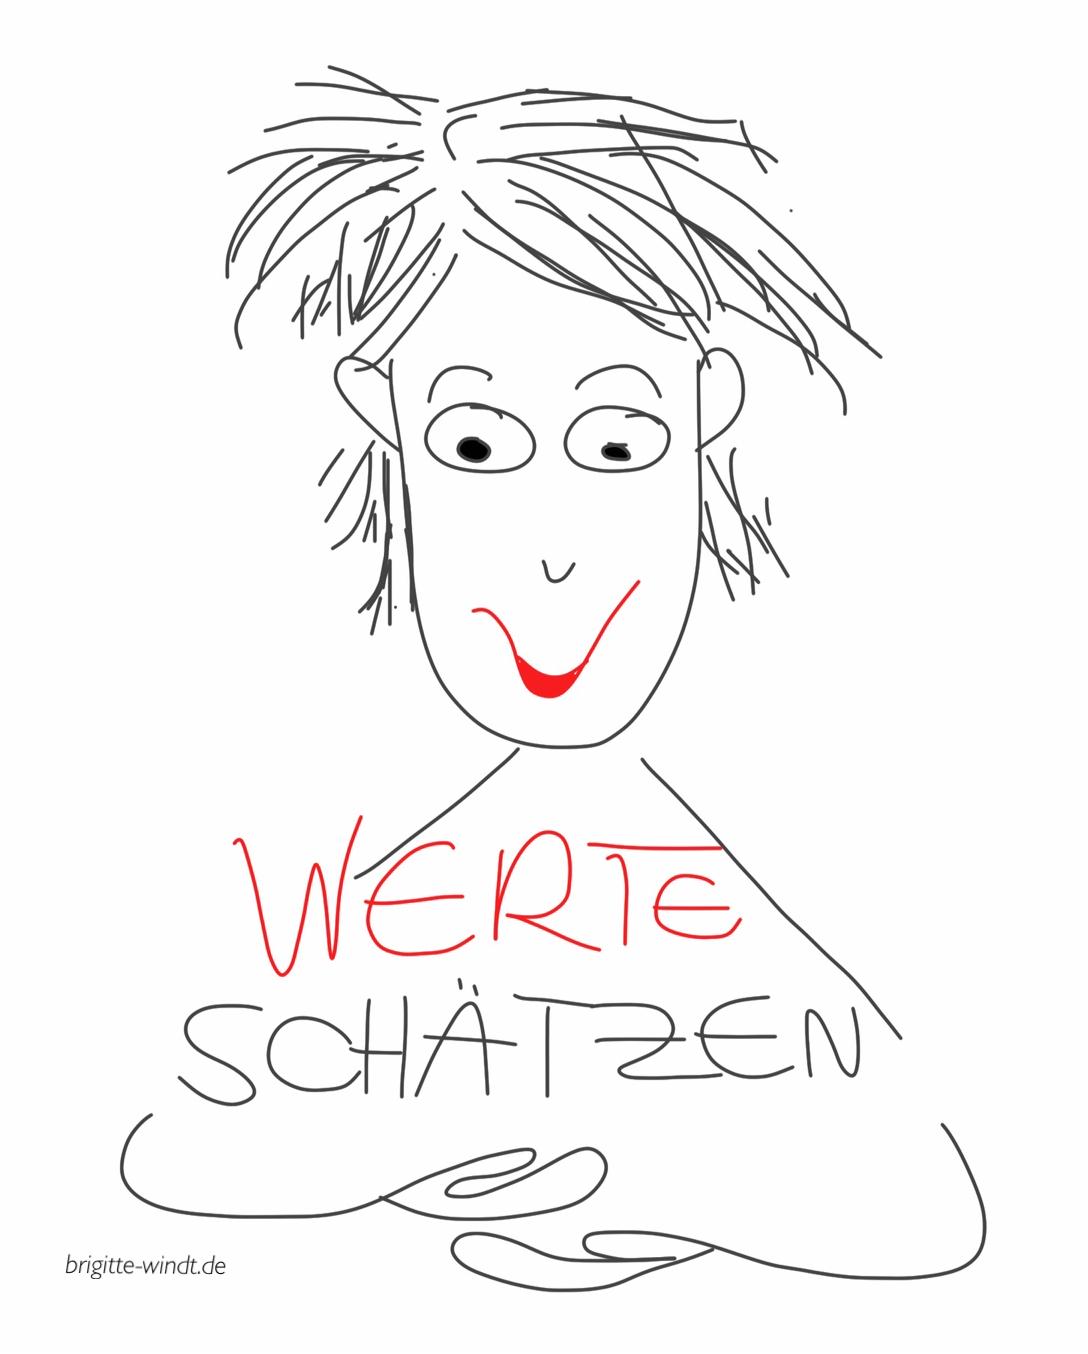 werte_schaetzen